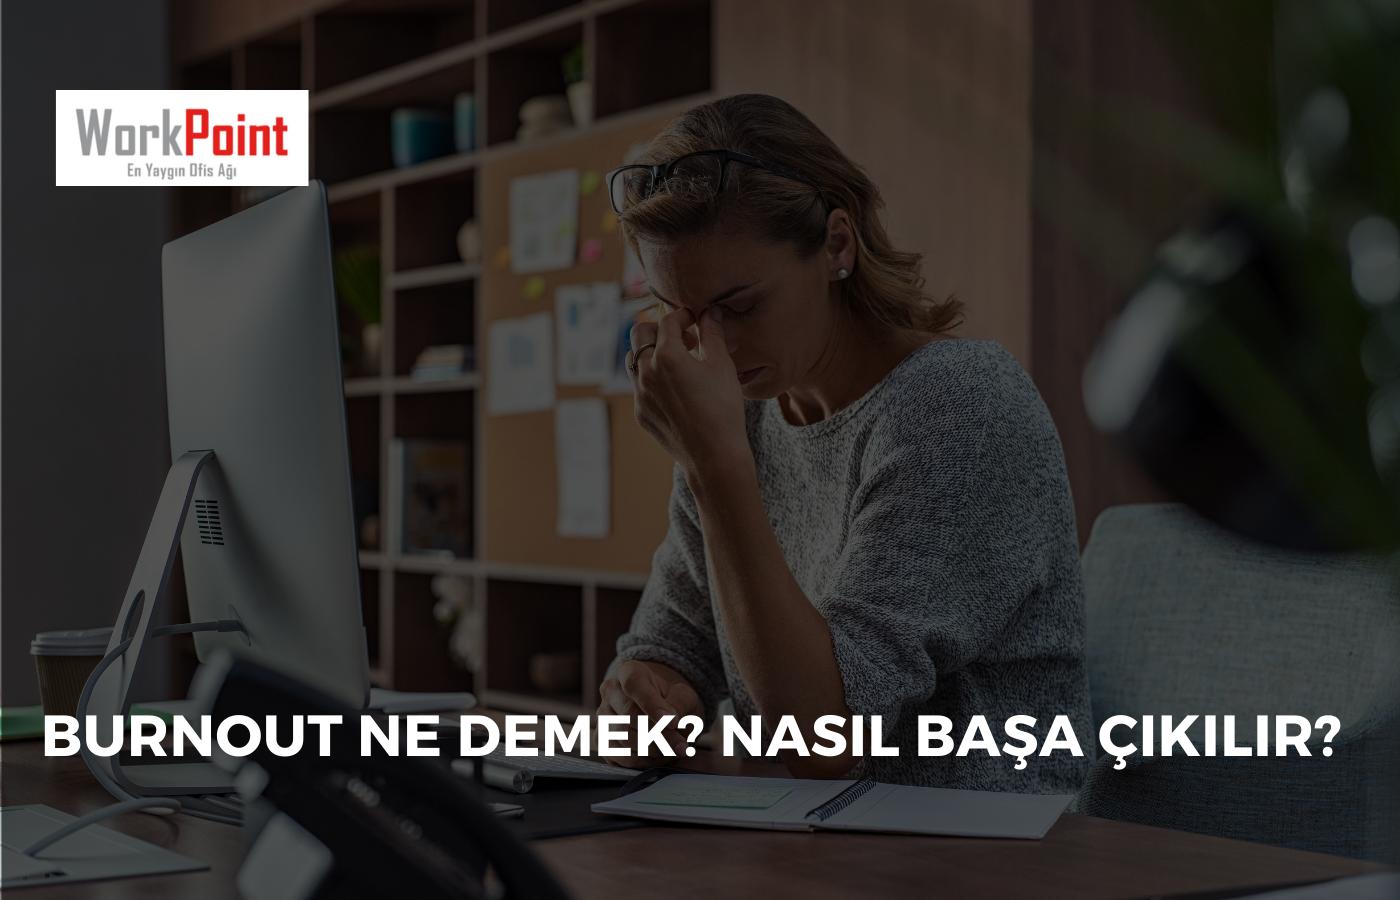 Burnout Ne Demek? Nasıl Başa Çıkılır?